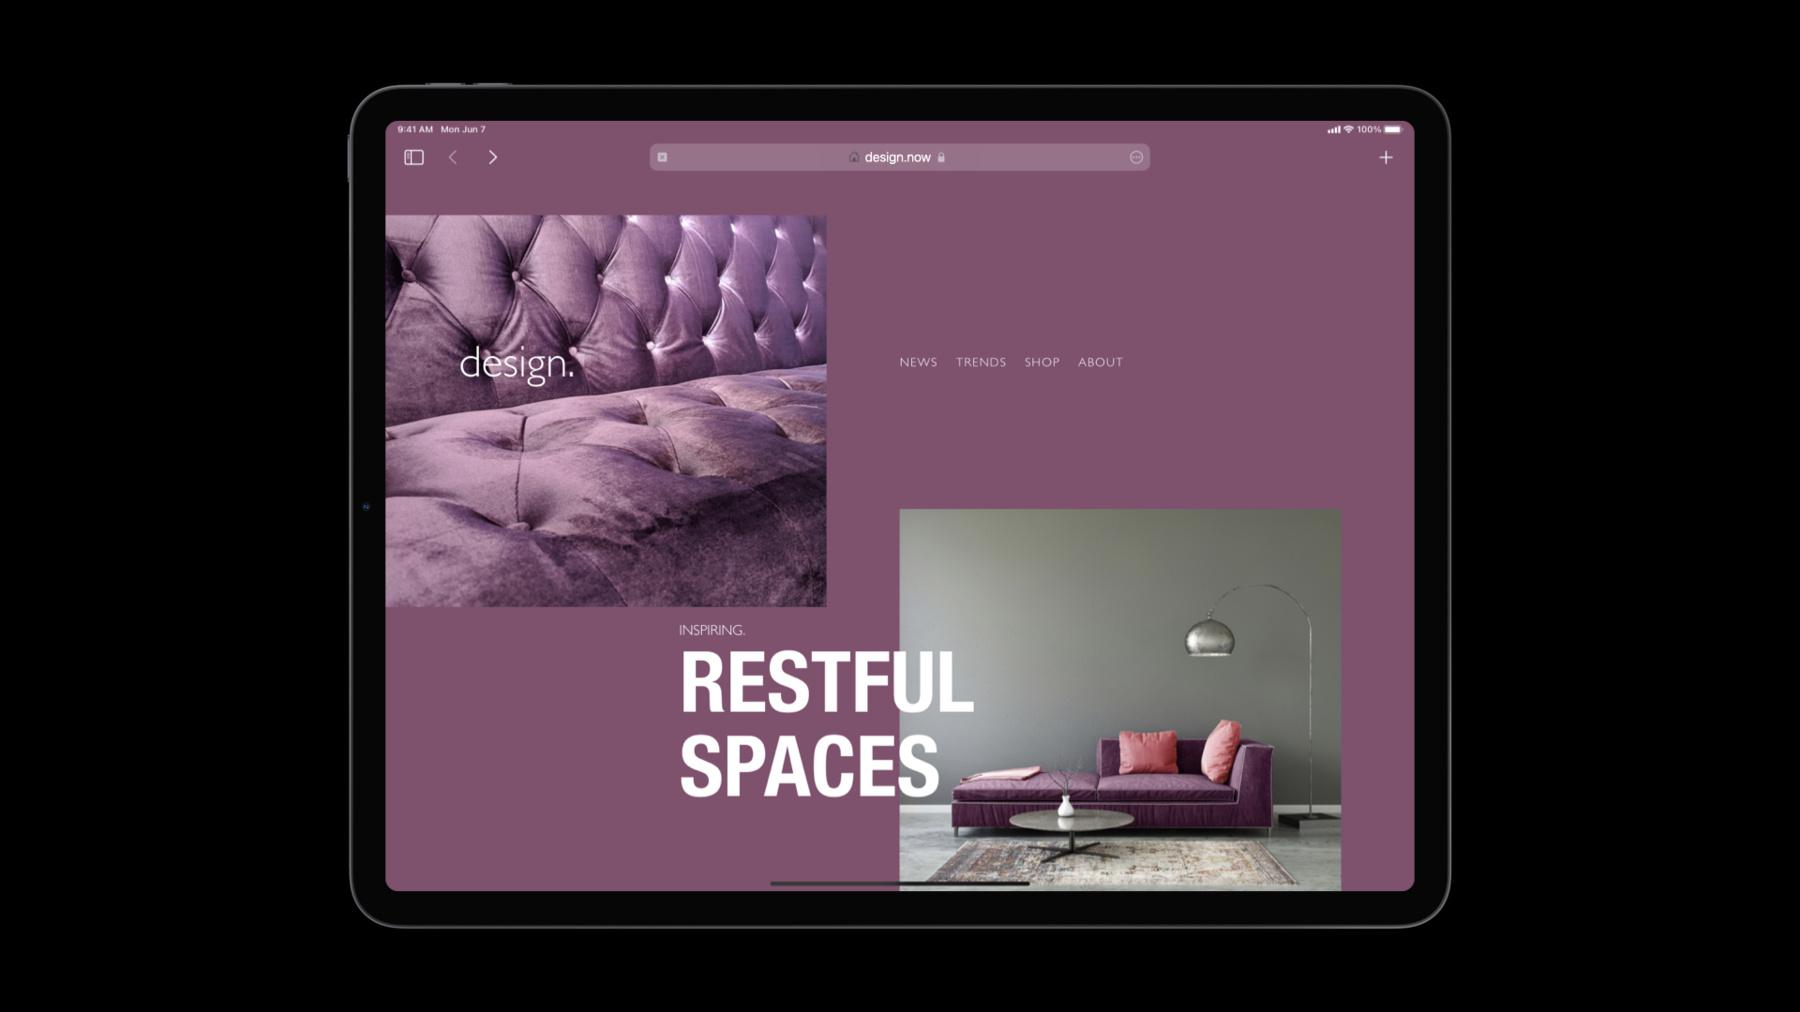 A website demo in thew new Safari 15 on an iPad